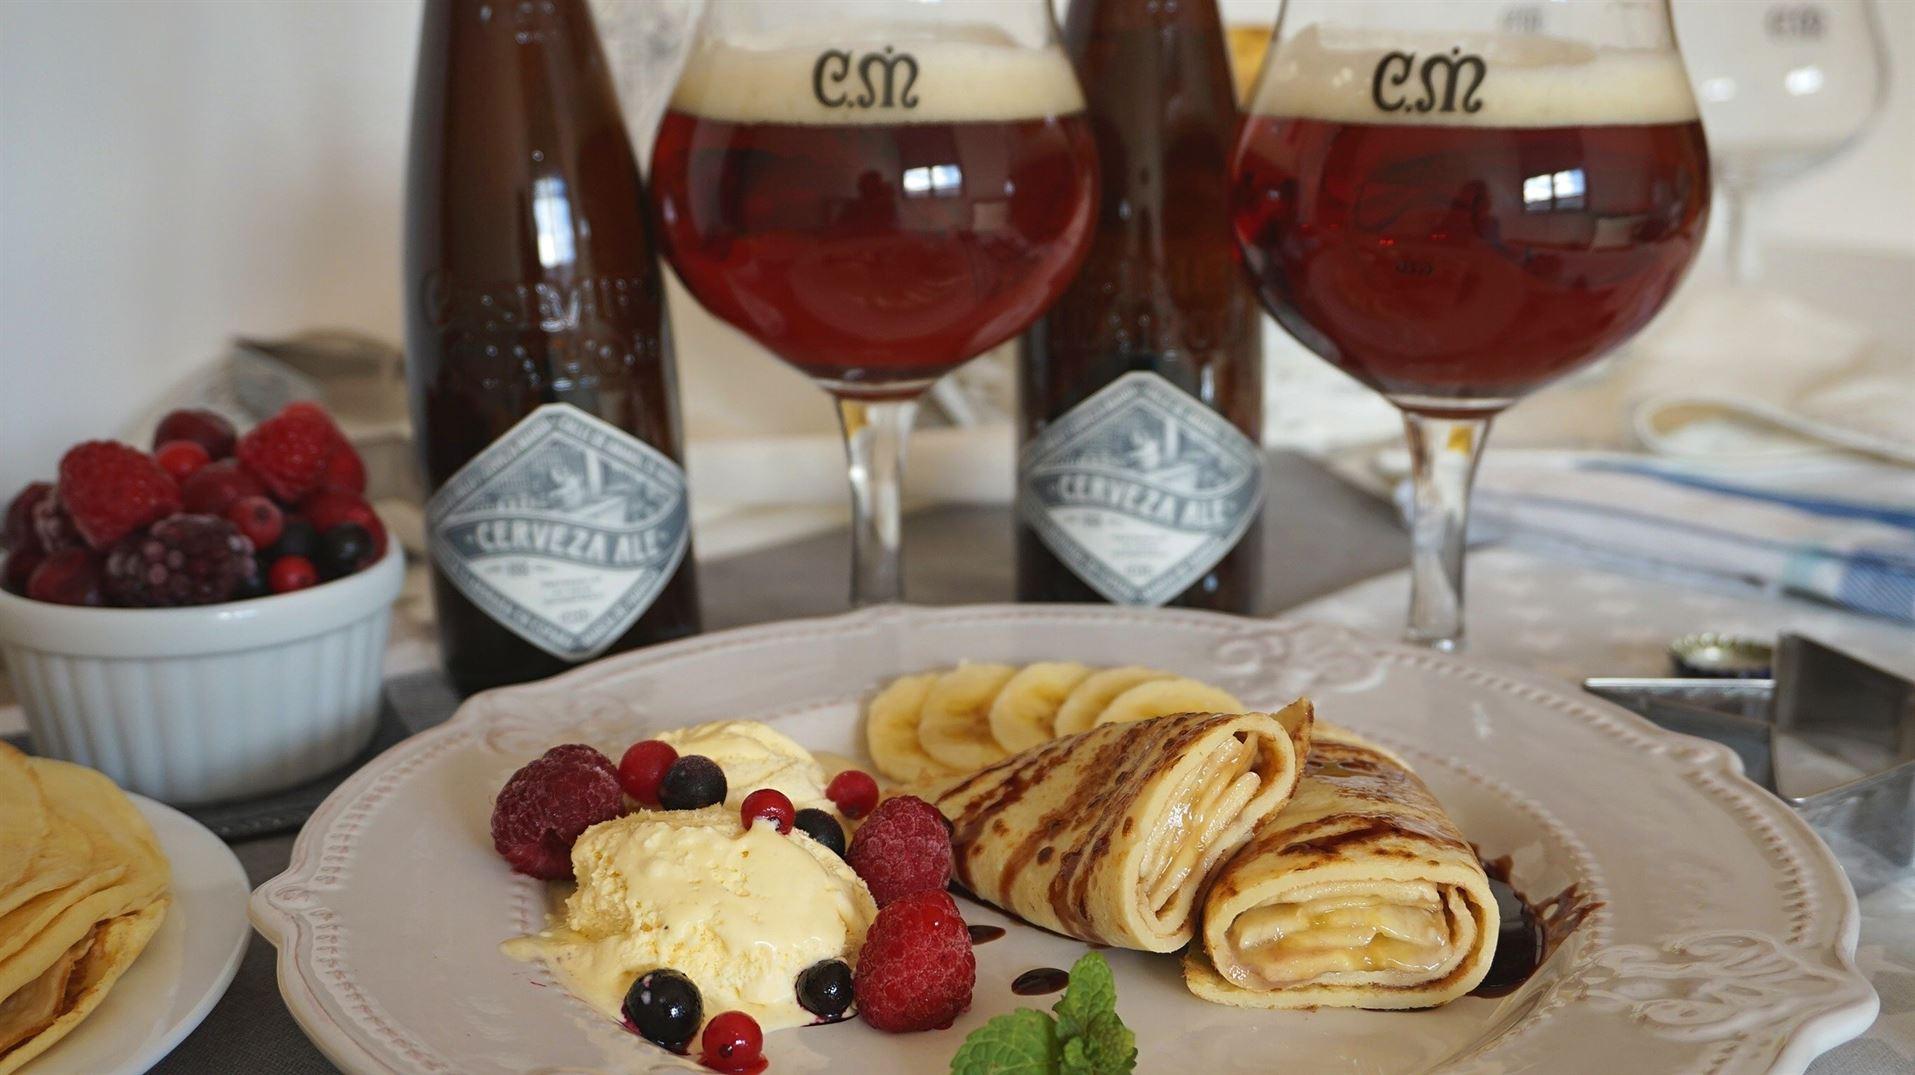 Crepes de plátano con chocolate maridados con Casimiro Mahou Cerveza Ale